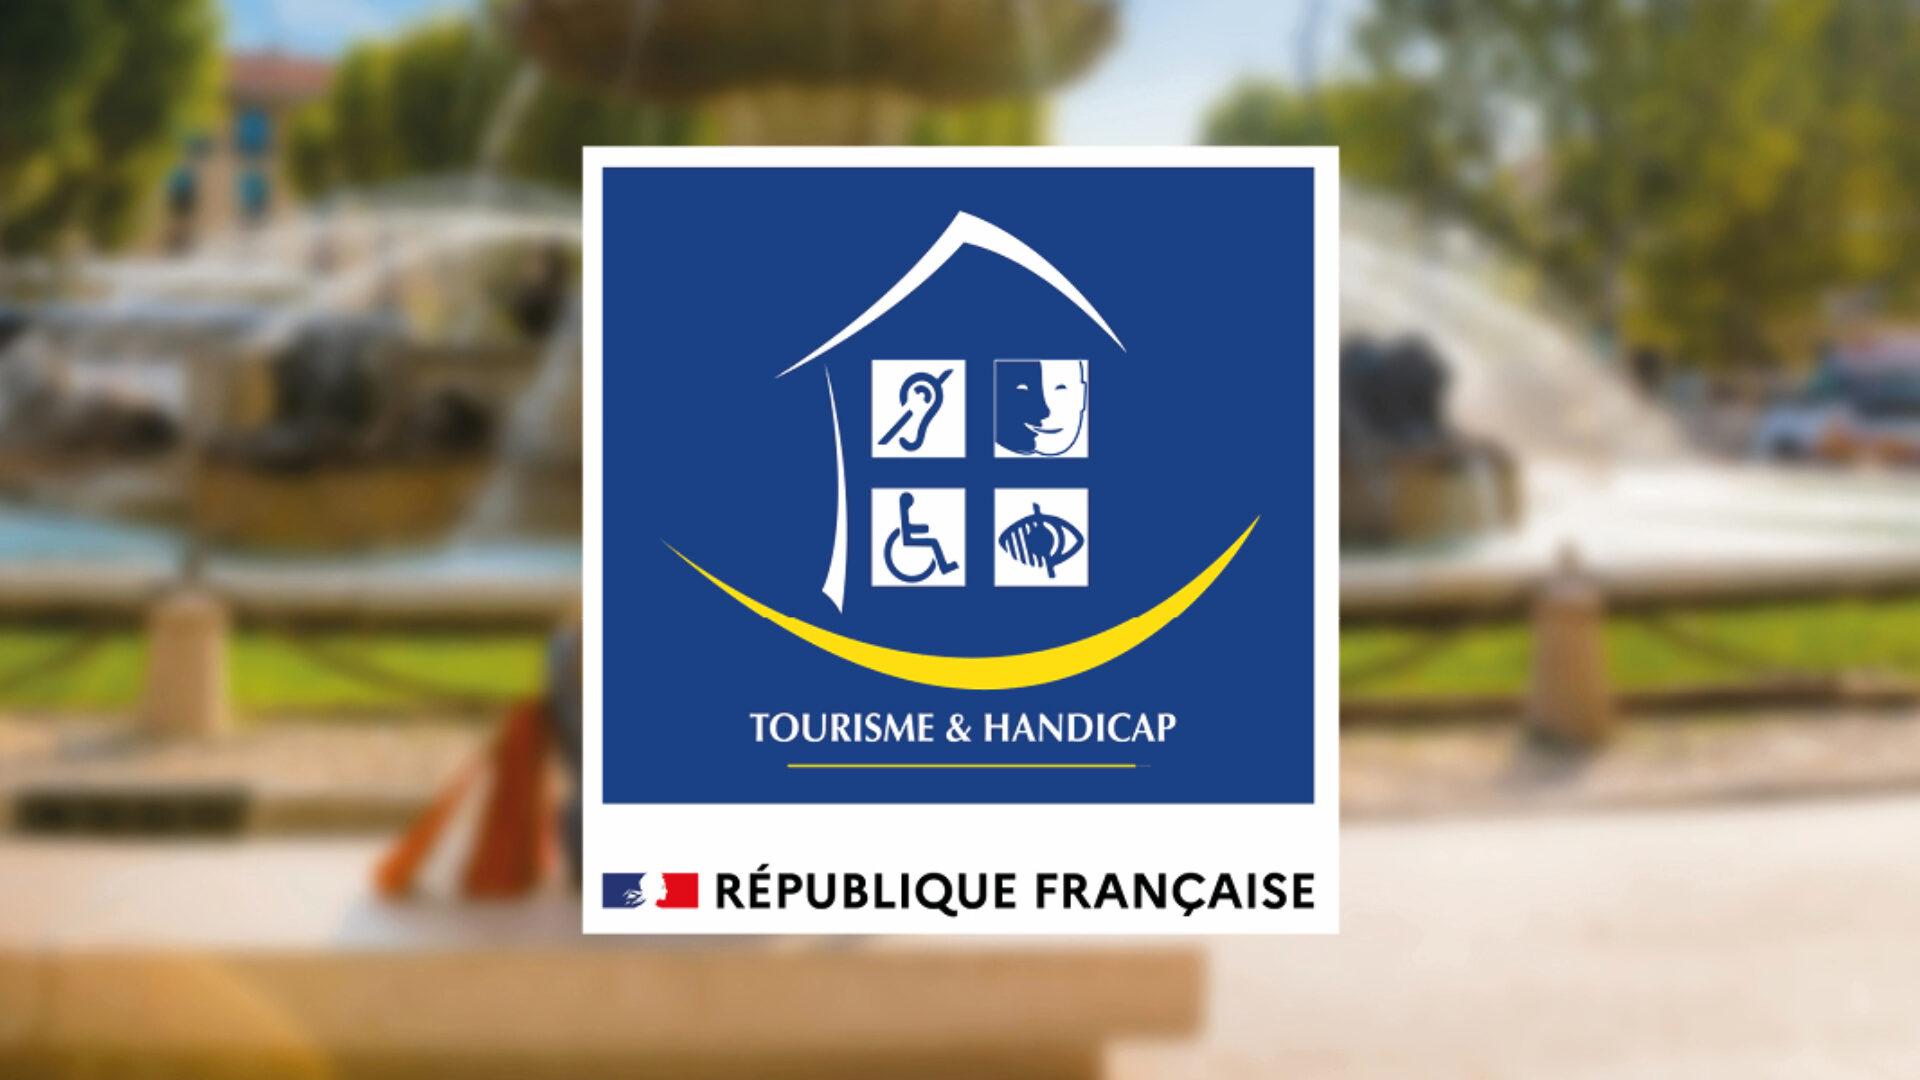 Aix en Provence Tourisme Handicap